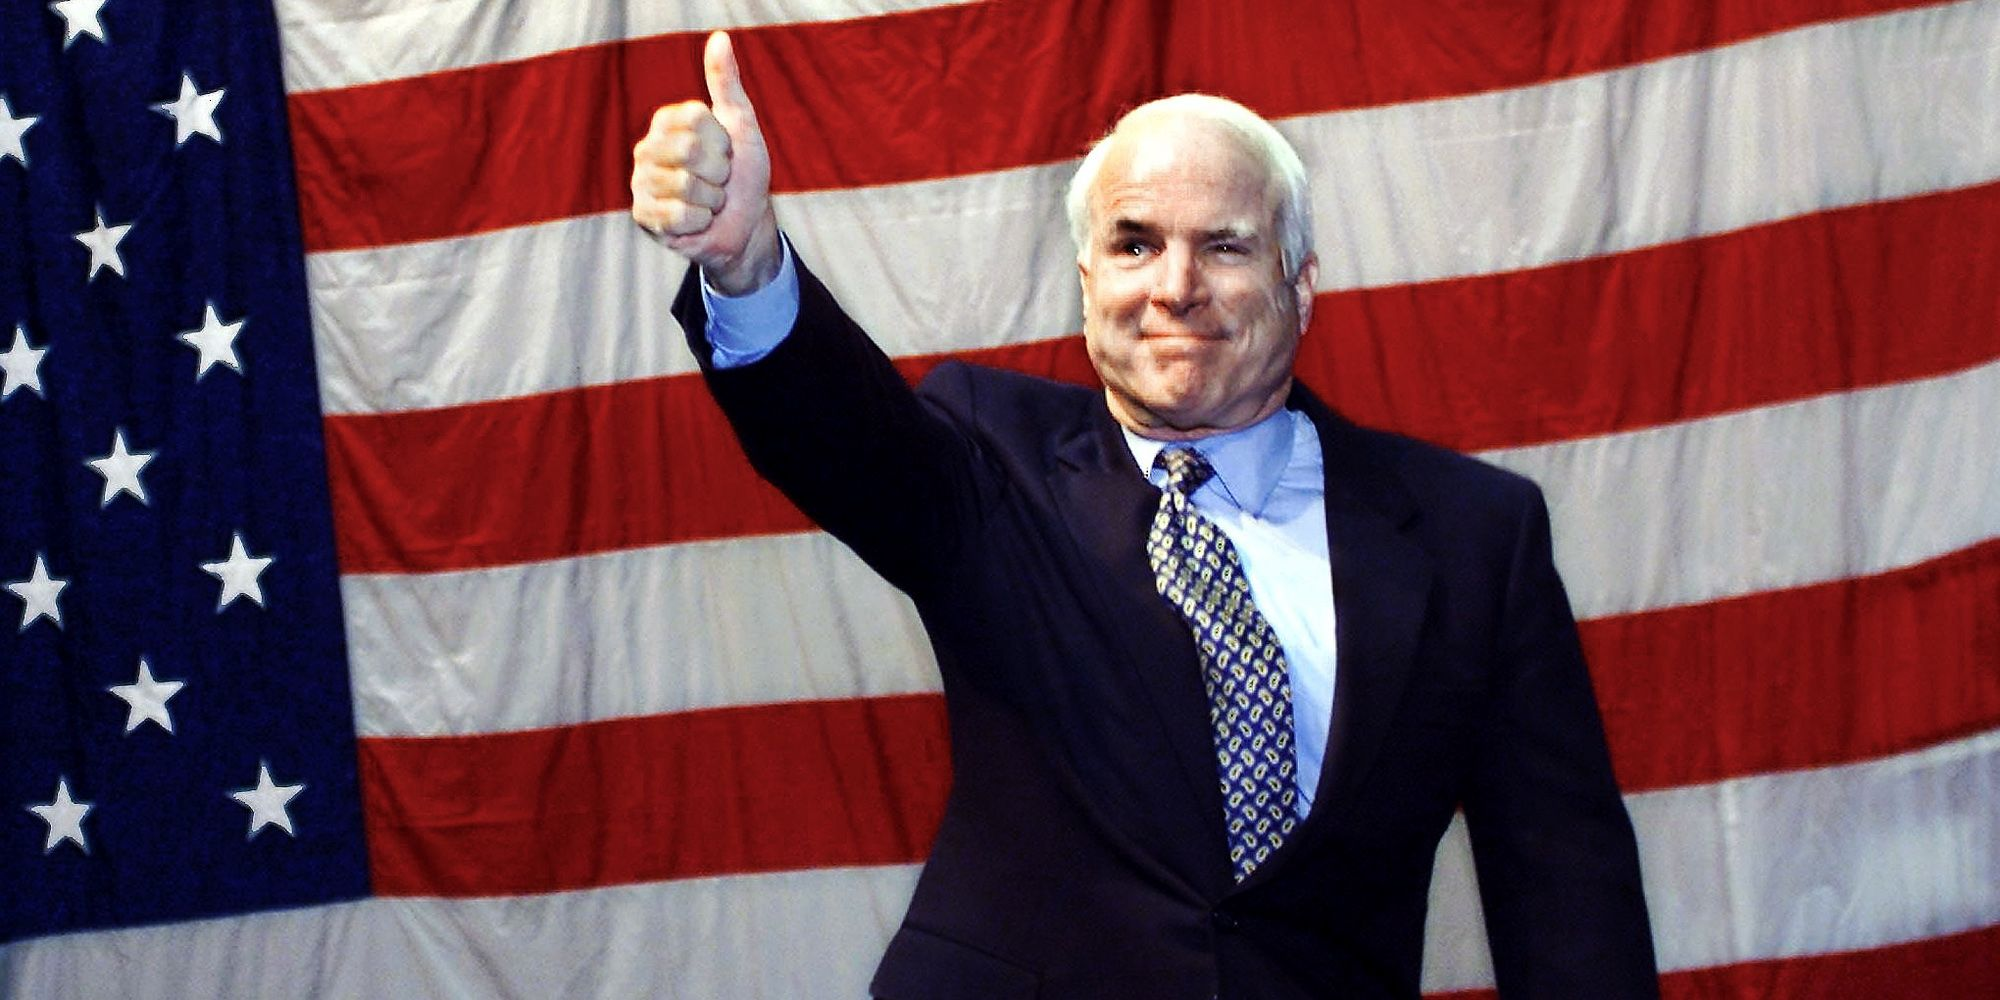 Former Republican presidential candidate US Senato